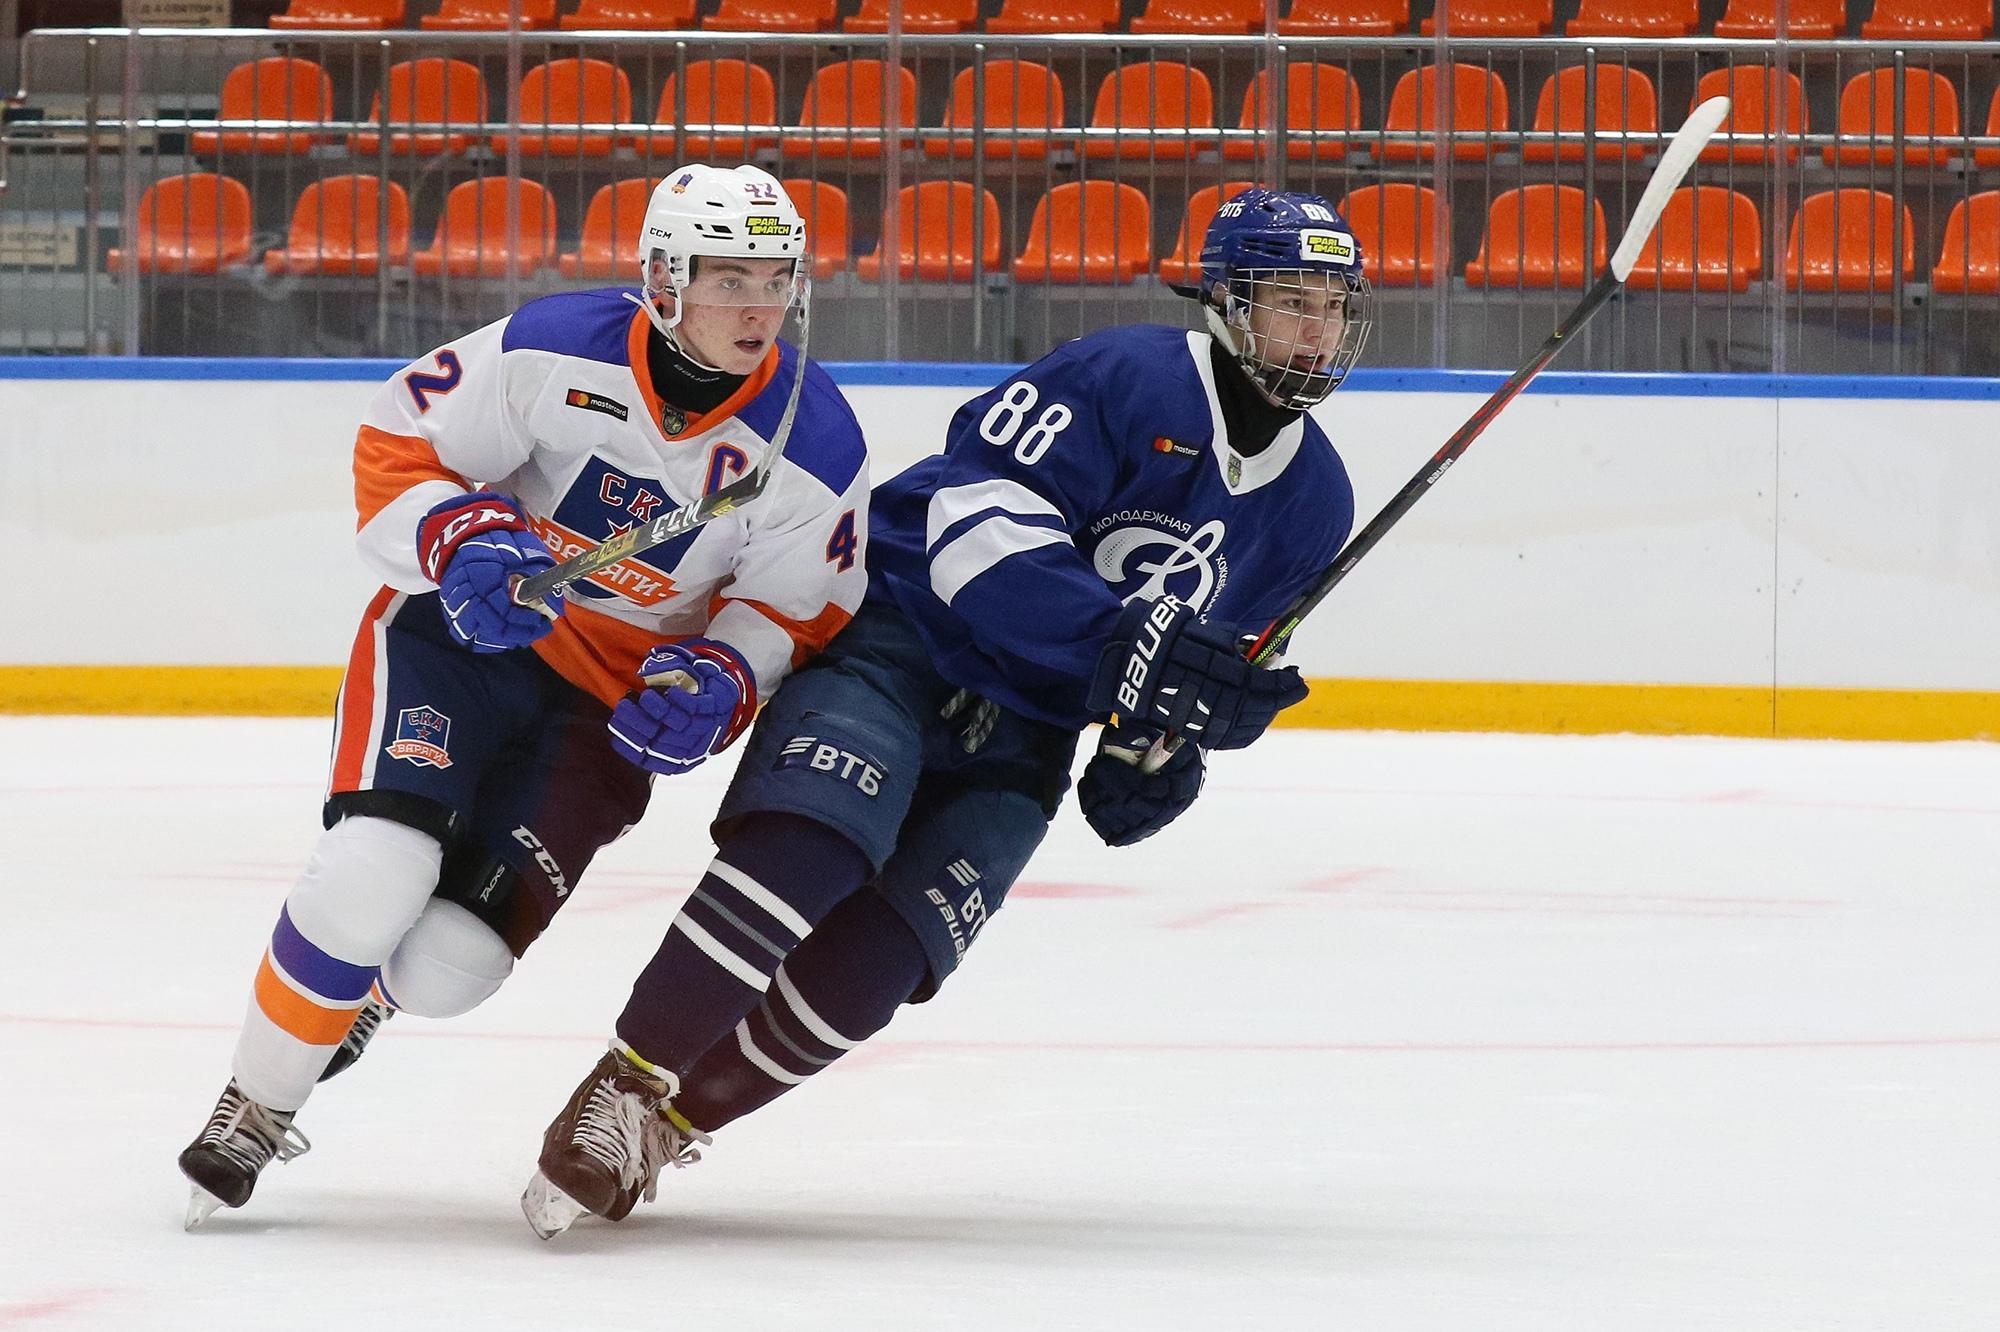 Русь хоккейный клуб москва работа по выходным в ночной клуб